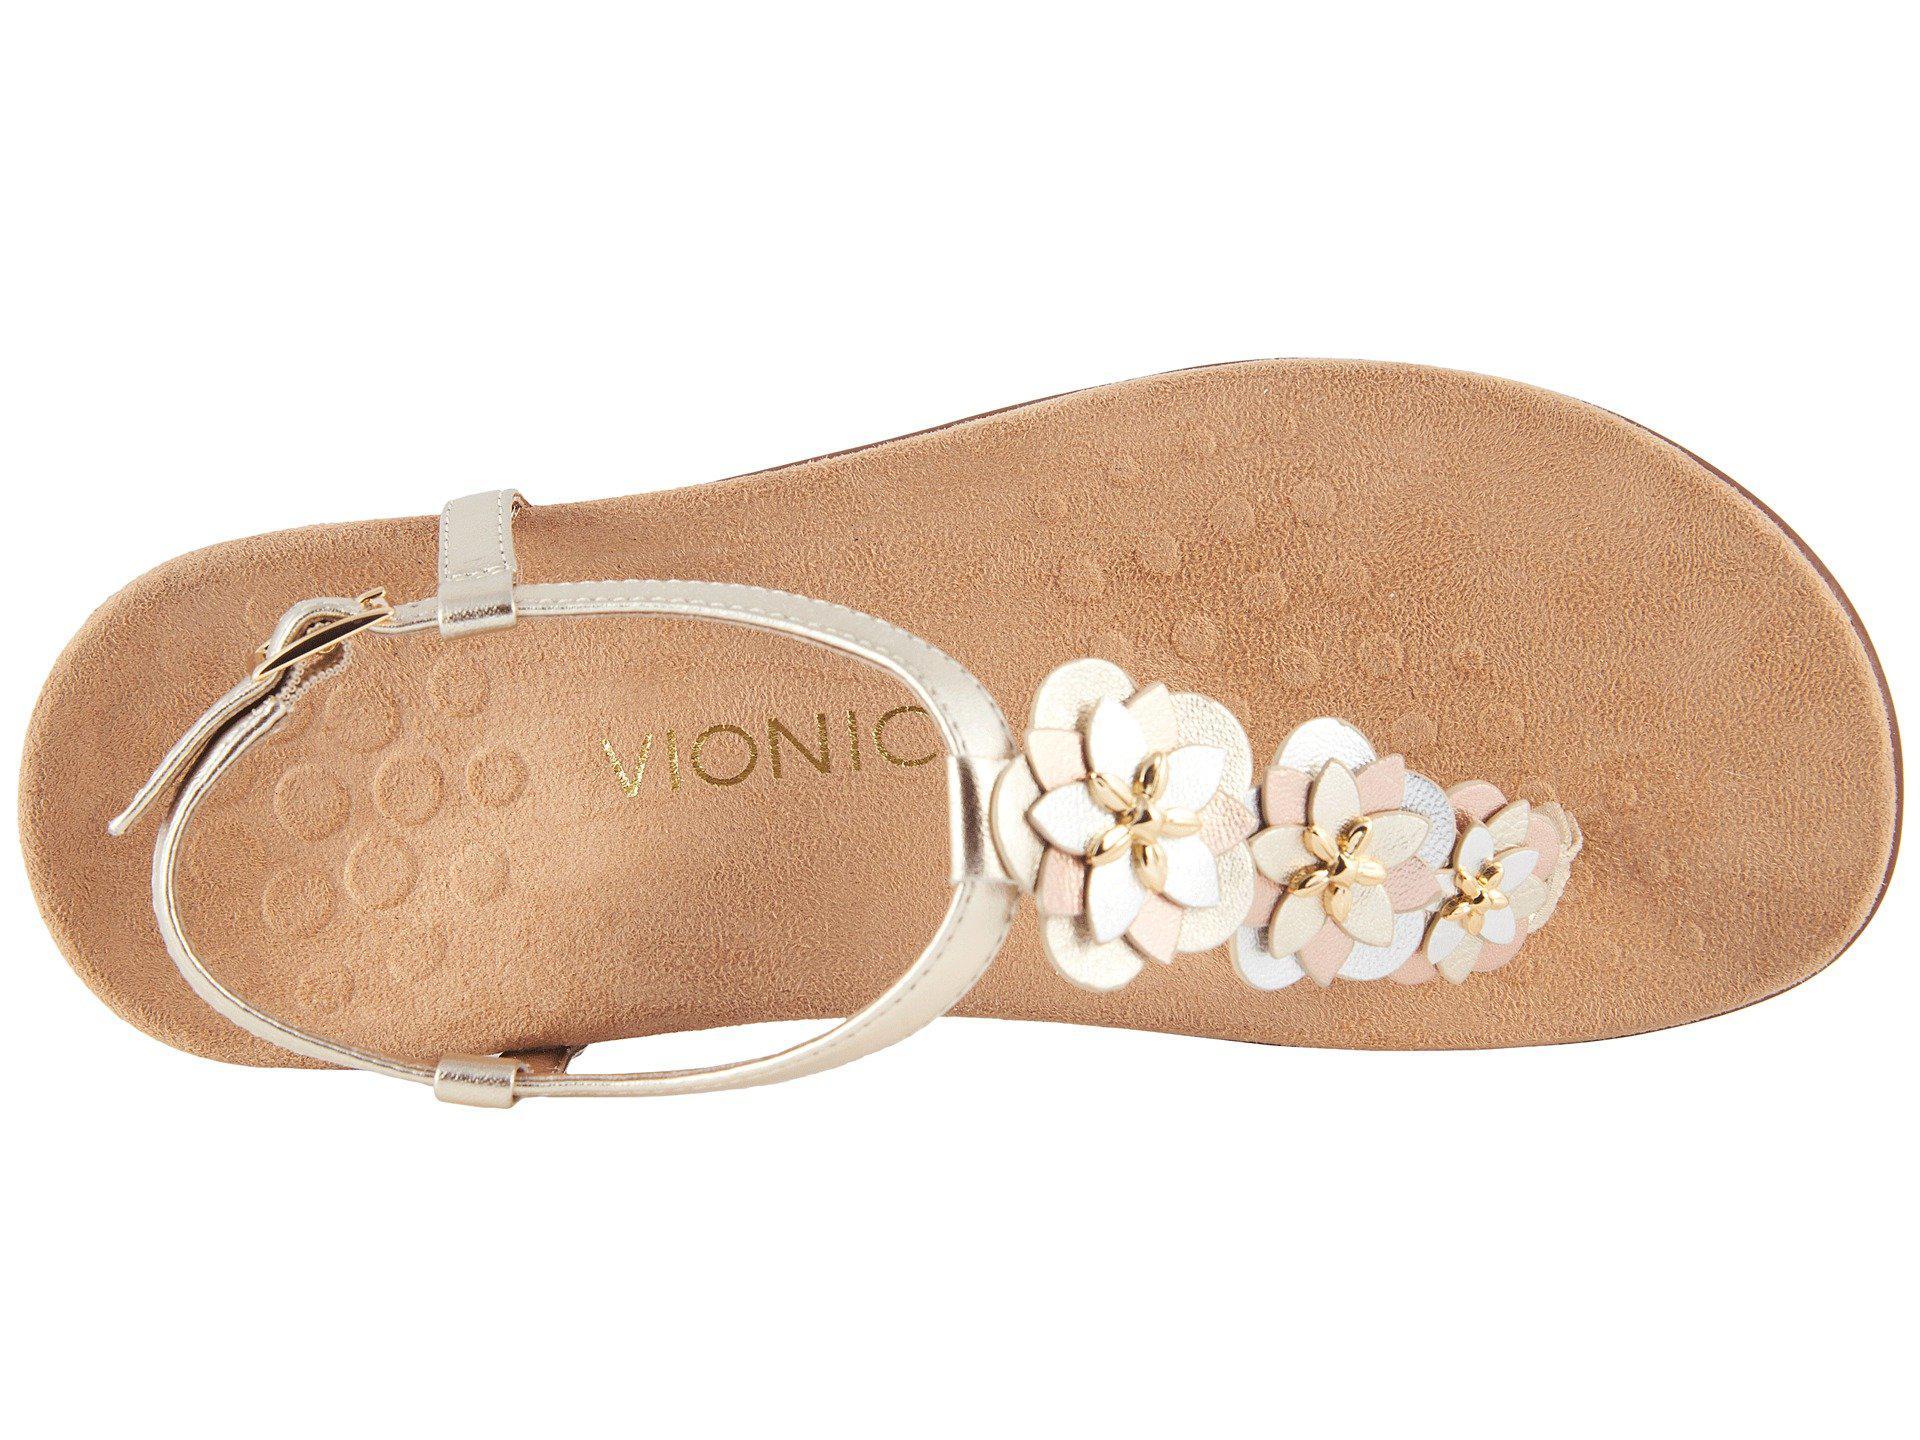 548d0166d1de Lyst - Vionic Paulie (champagne) Women s Sandals